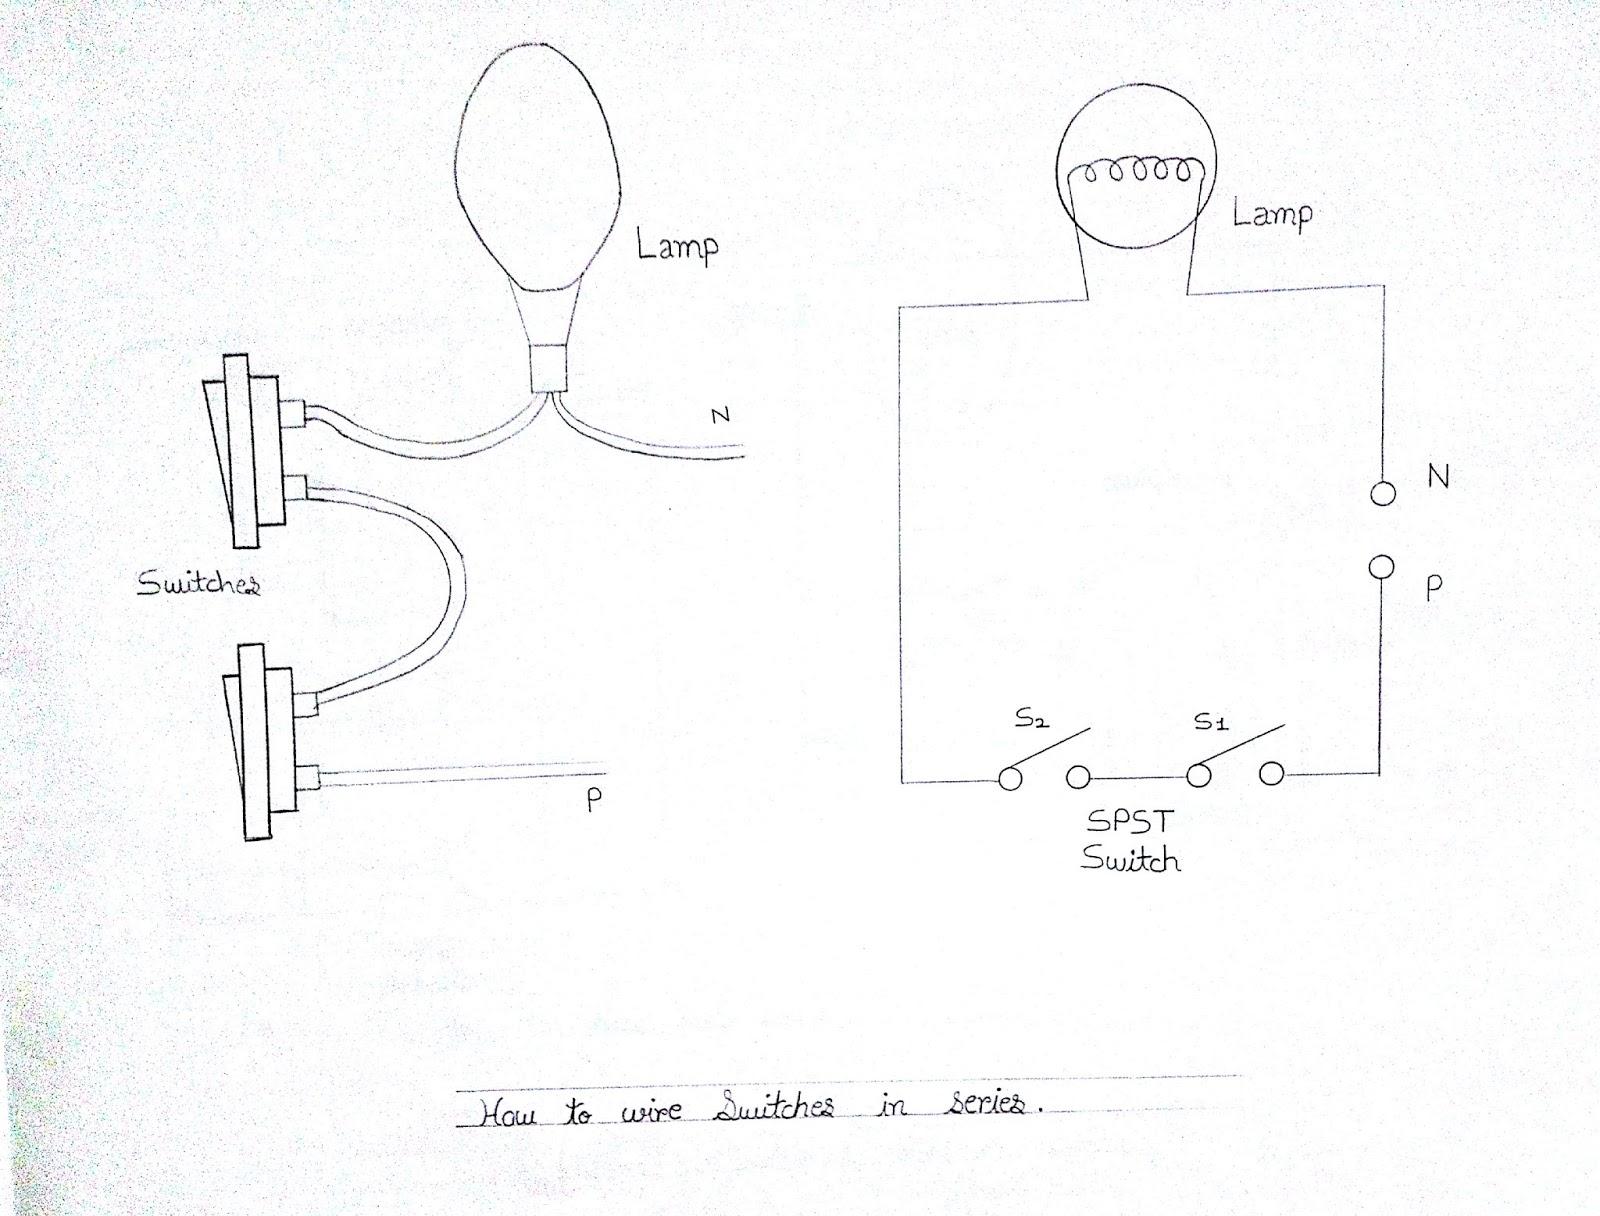 3 pin wall socket wiring diagram